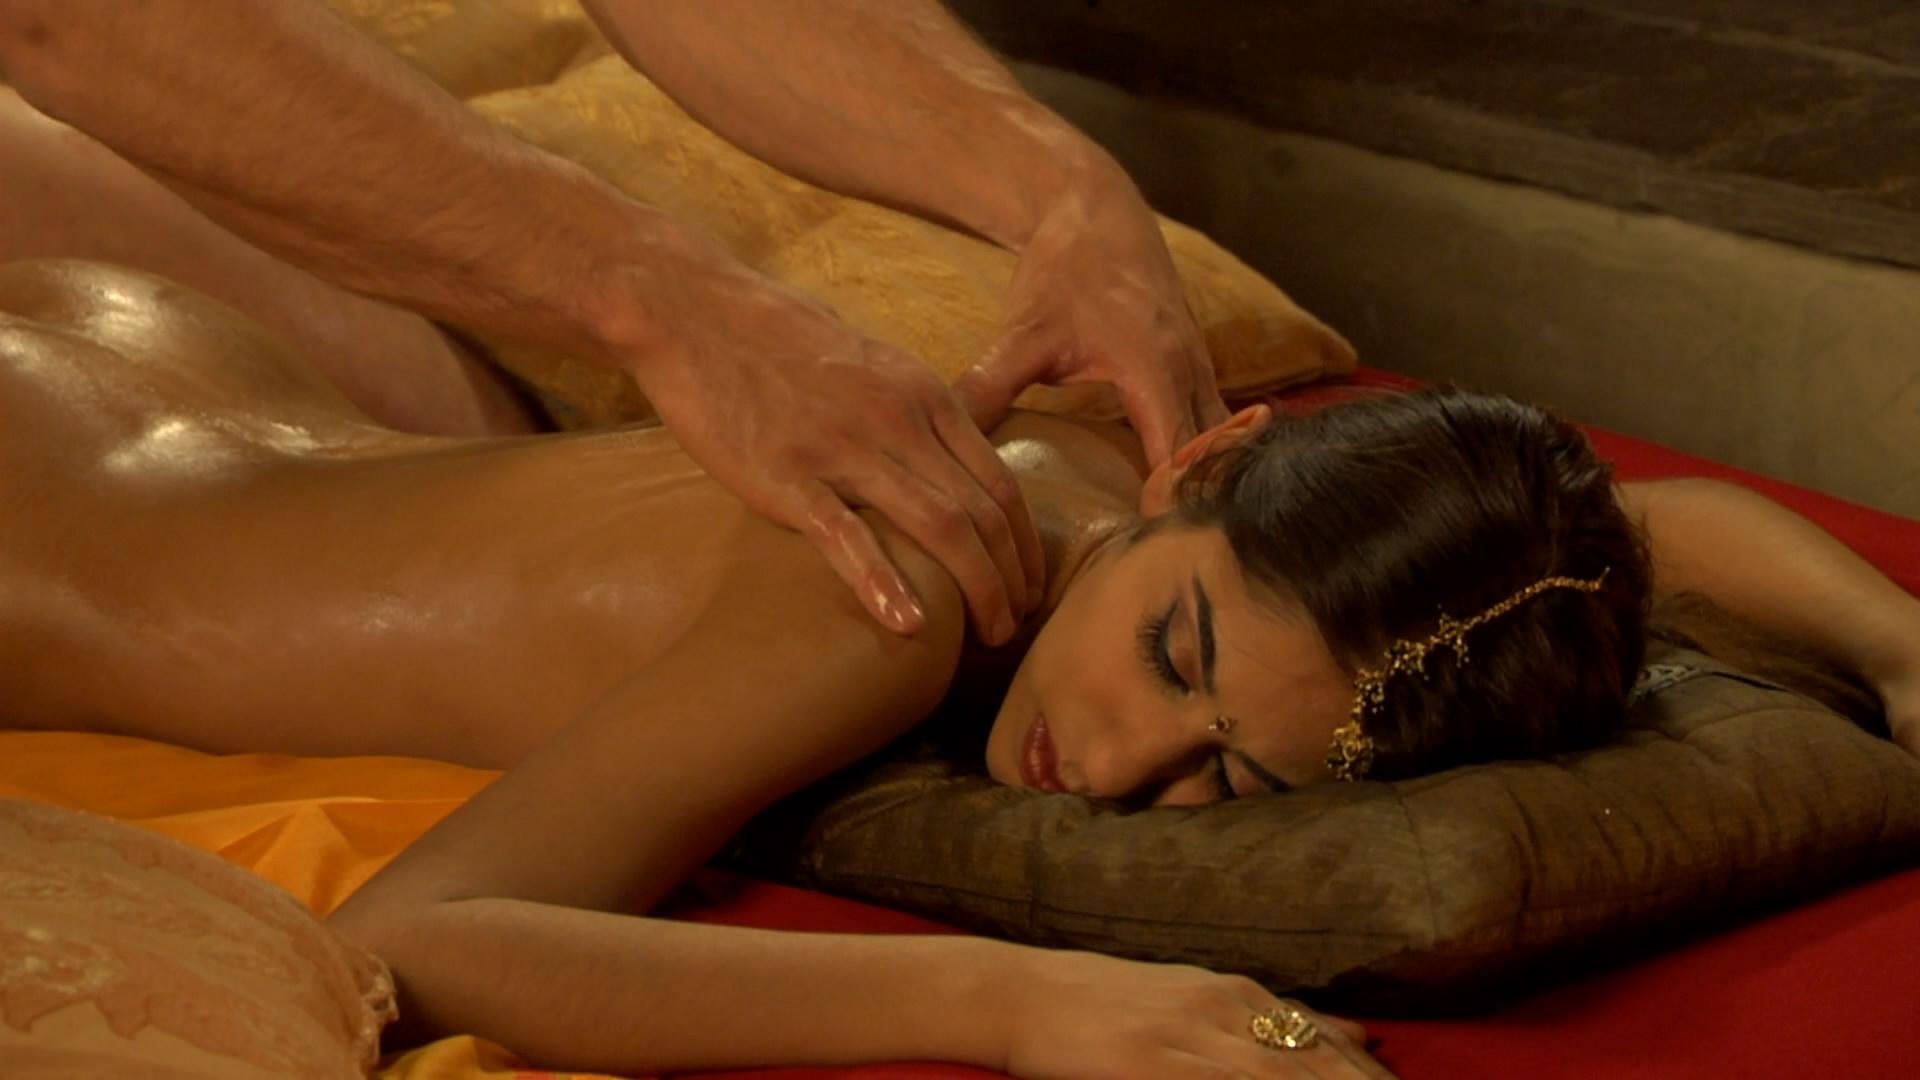 tantra massage flensburg søger mand til sex